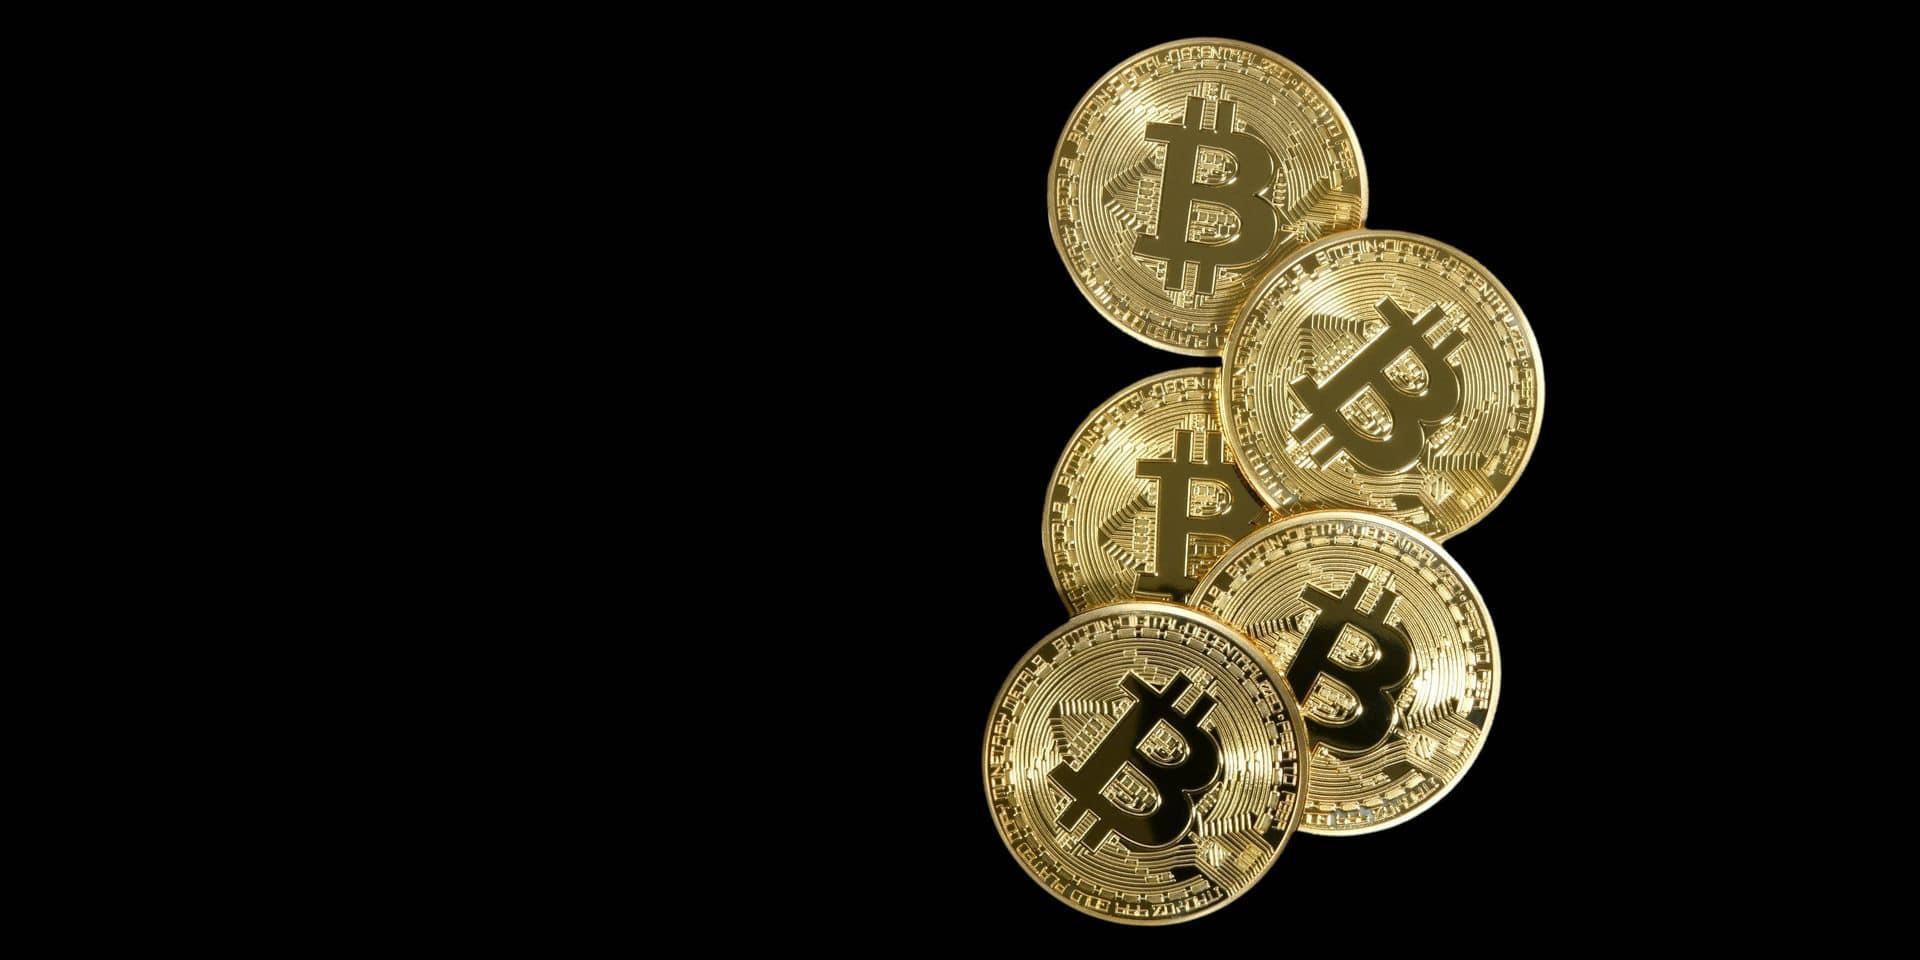 Pourquoi le bitcoin consomme 10 fois plus d'électricité que Google ?